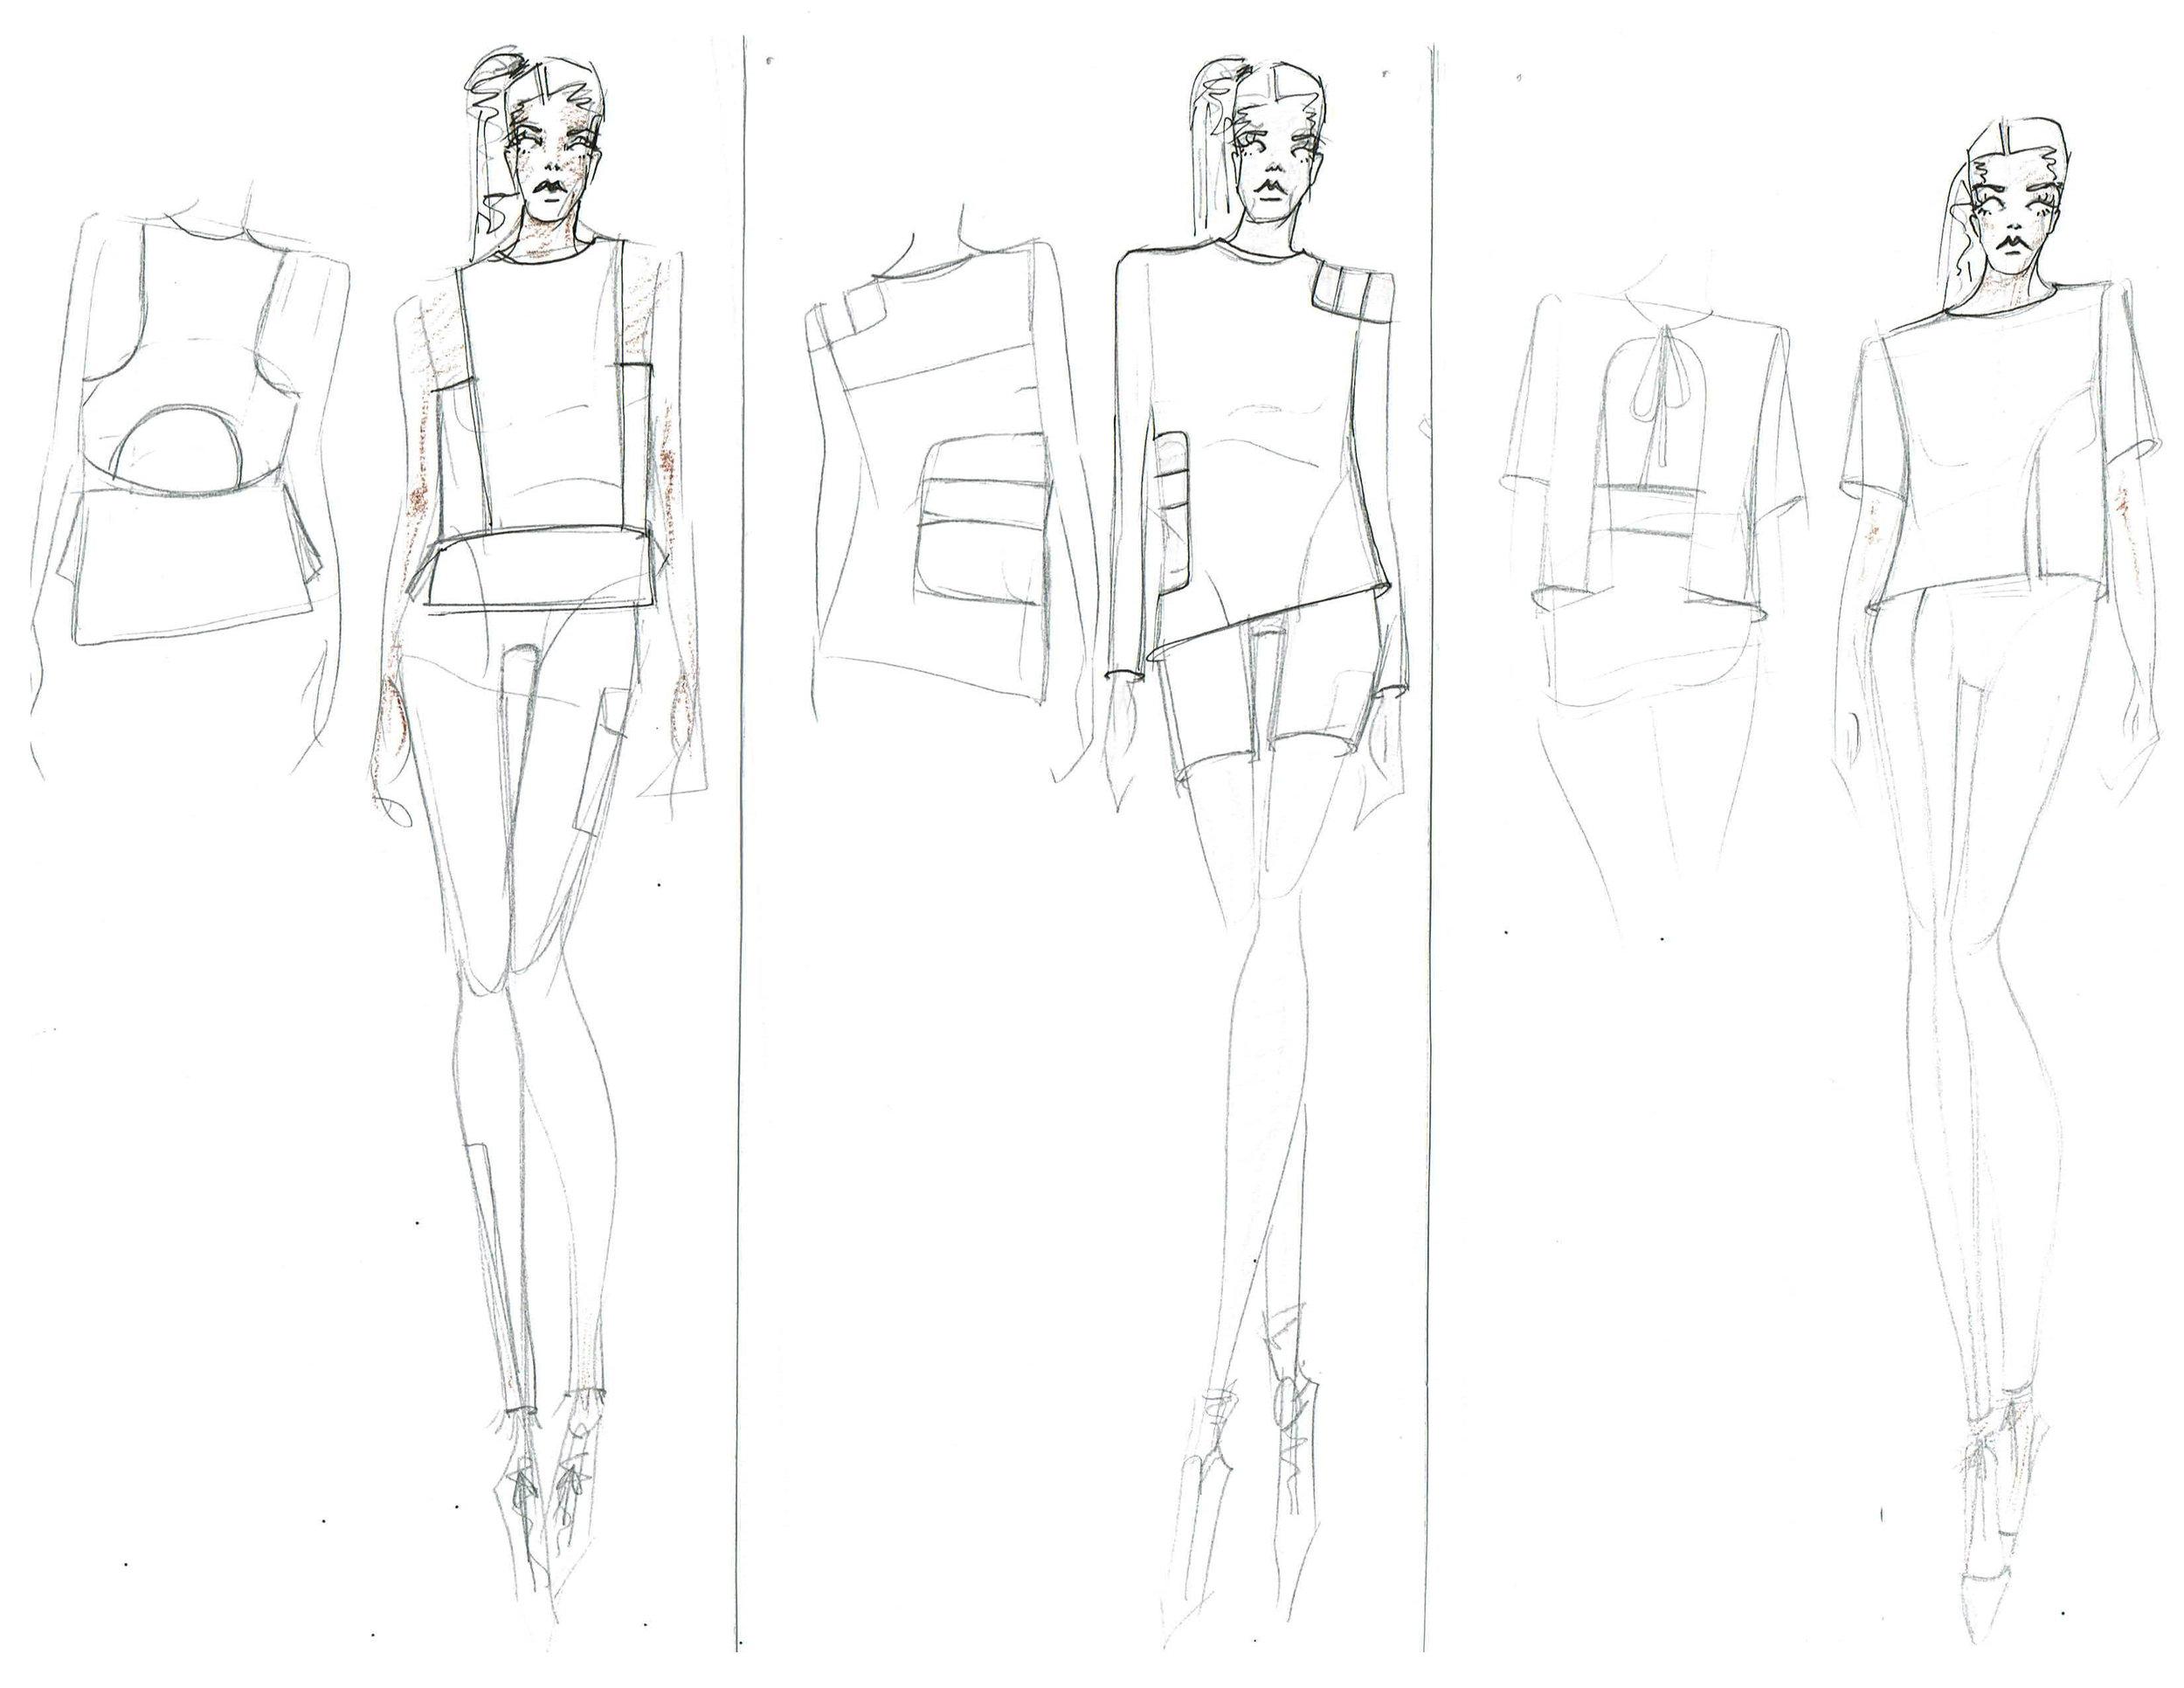 sketches8 copy.jpg